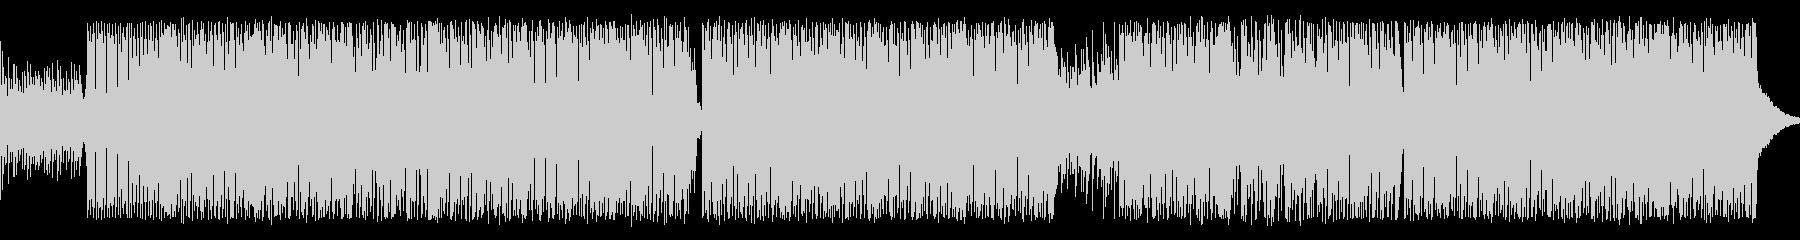 トラップ ヒップホップ R&B ほ...の未再生の波形